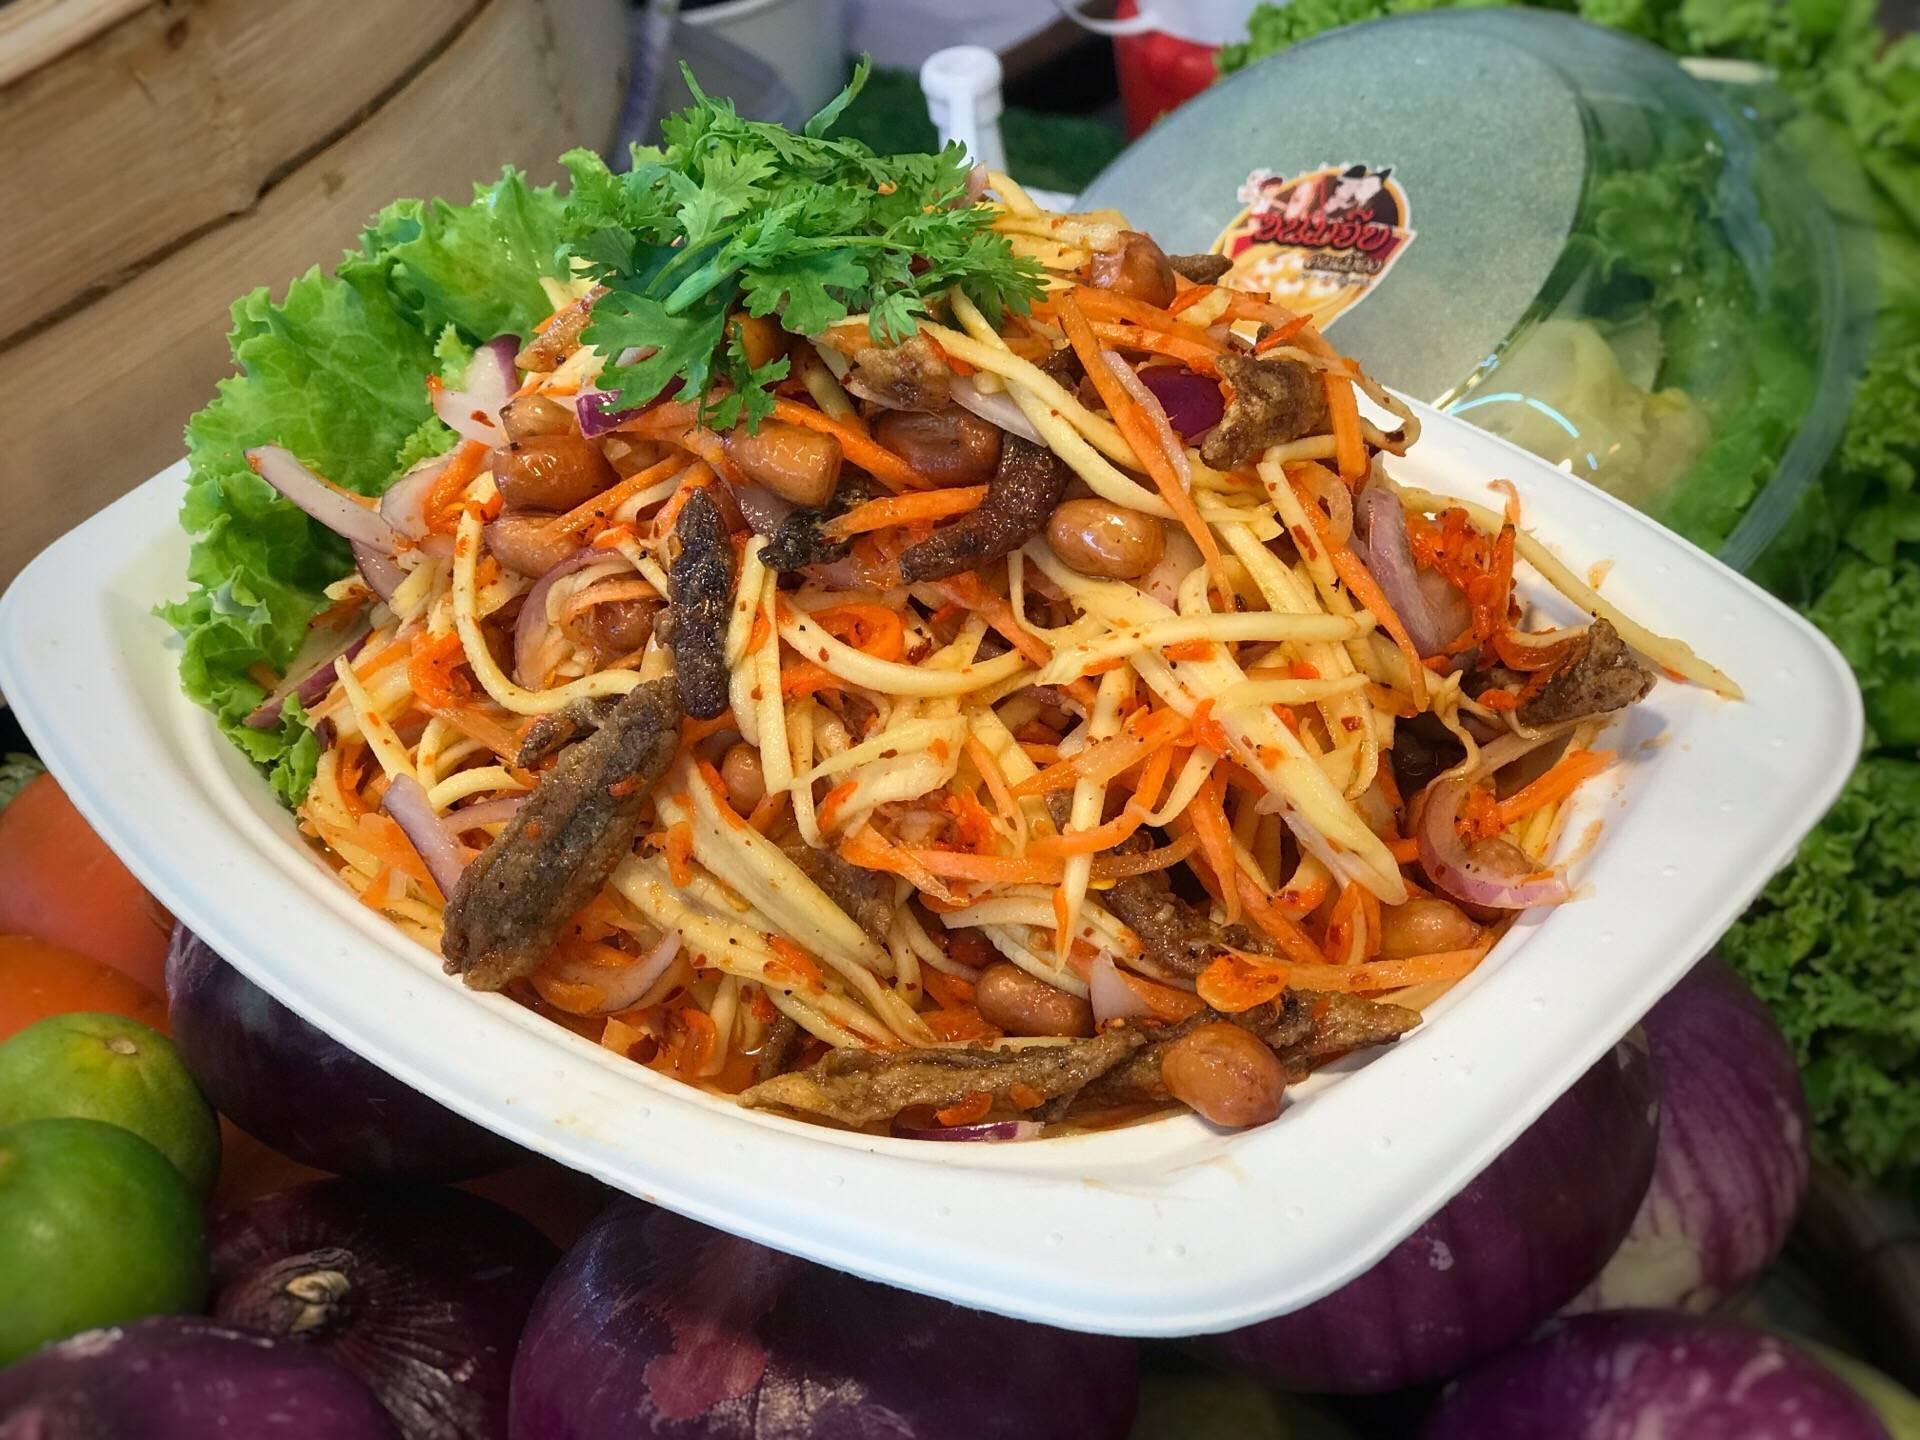 Thai style salad ยำไข่ดาว ขนมจีบคนเมือง ถนนคนเดินเชียงใหม่